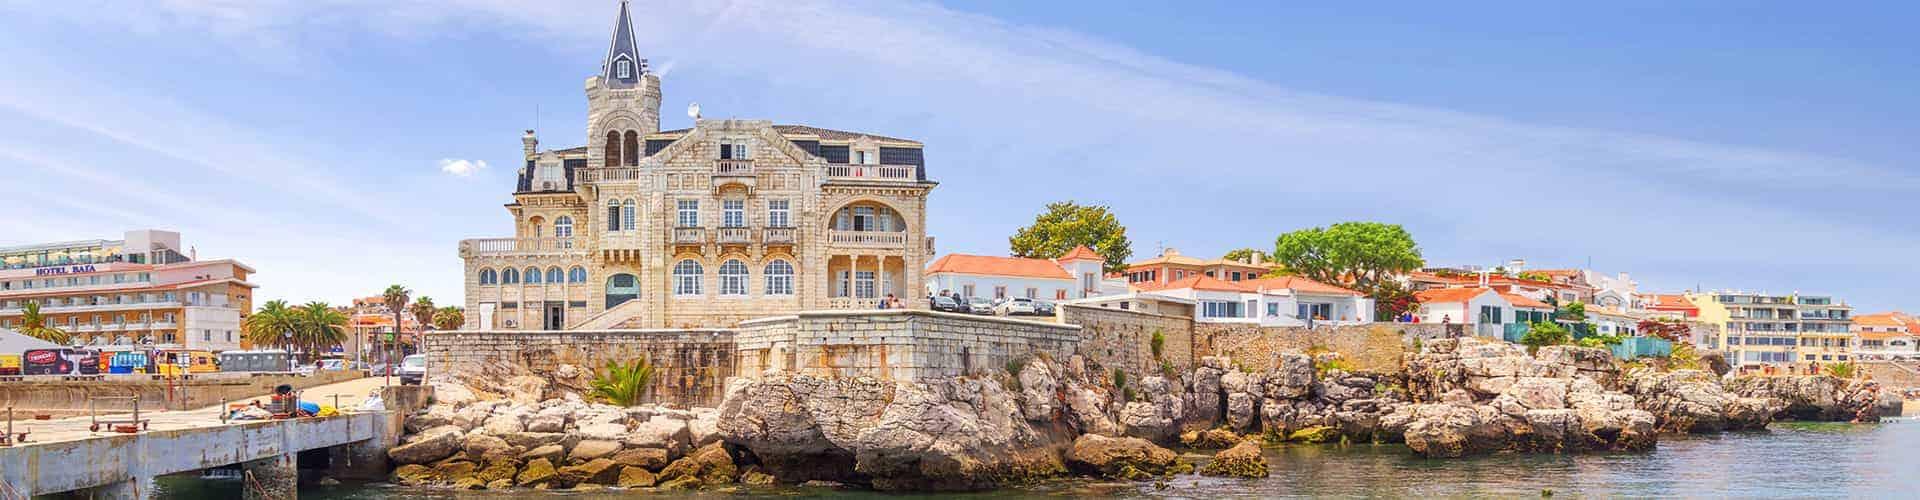 Free Tour Cascais - Turismo de Portugal